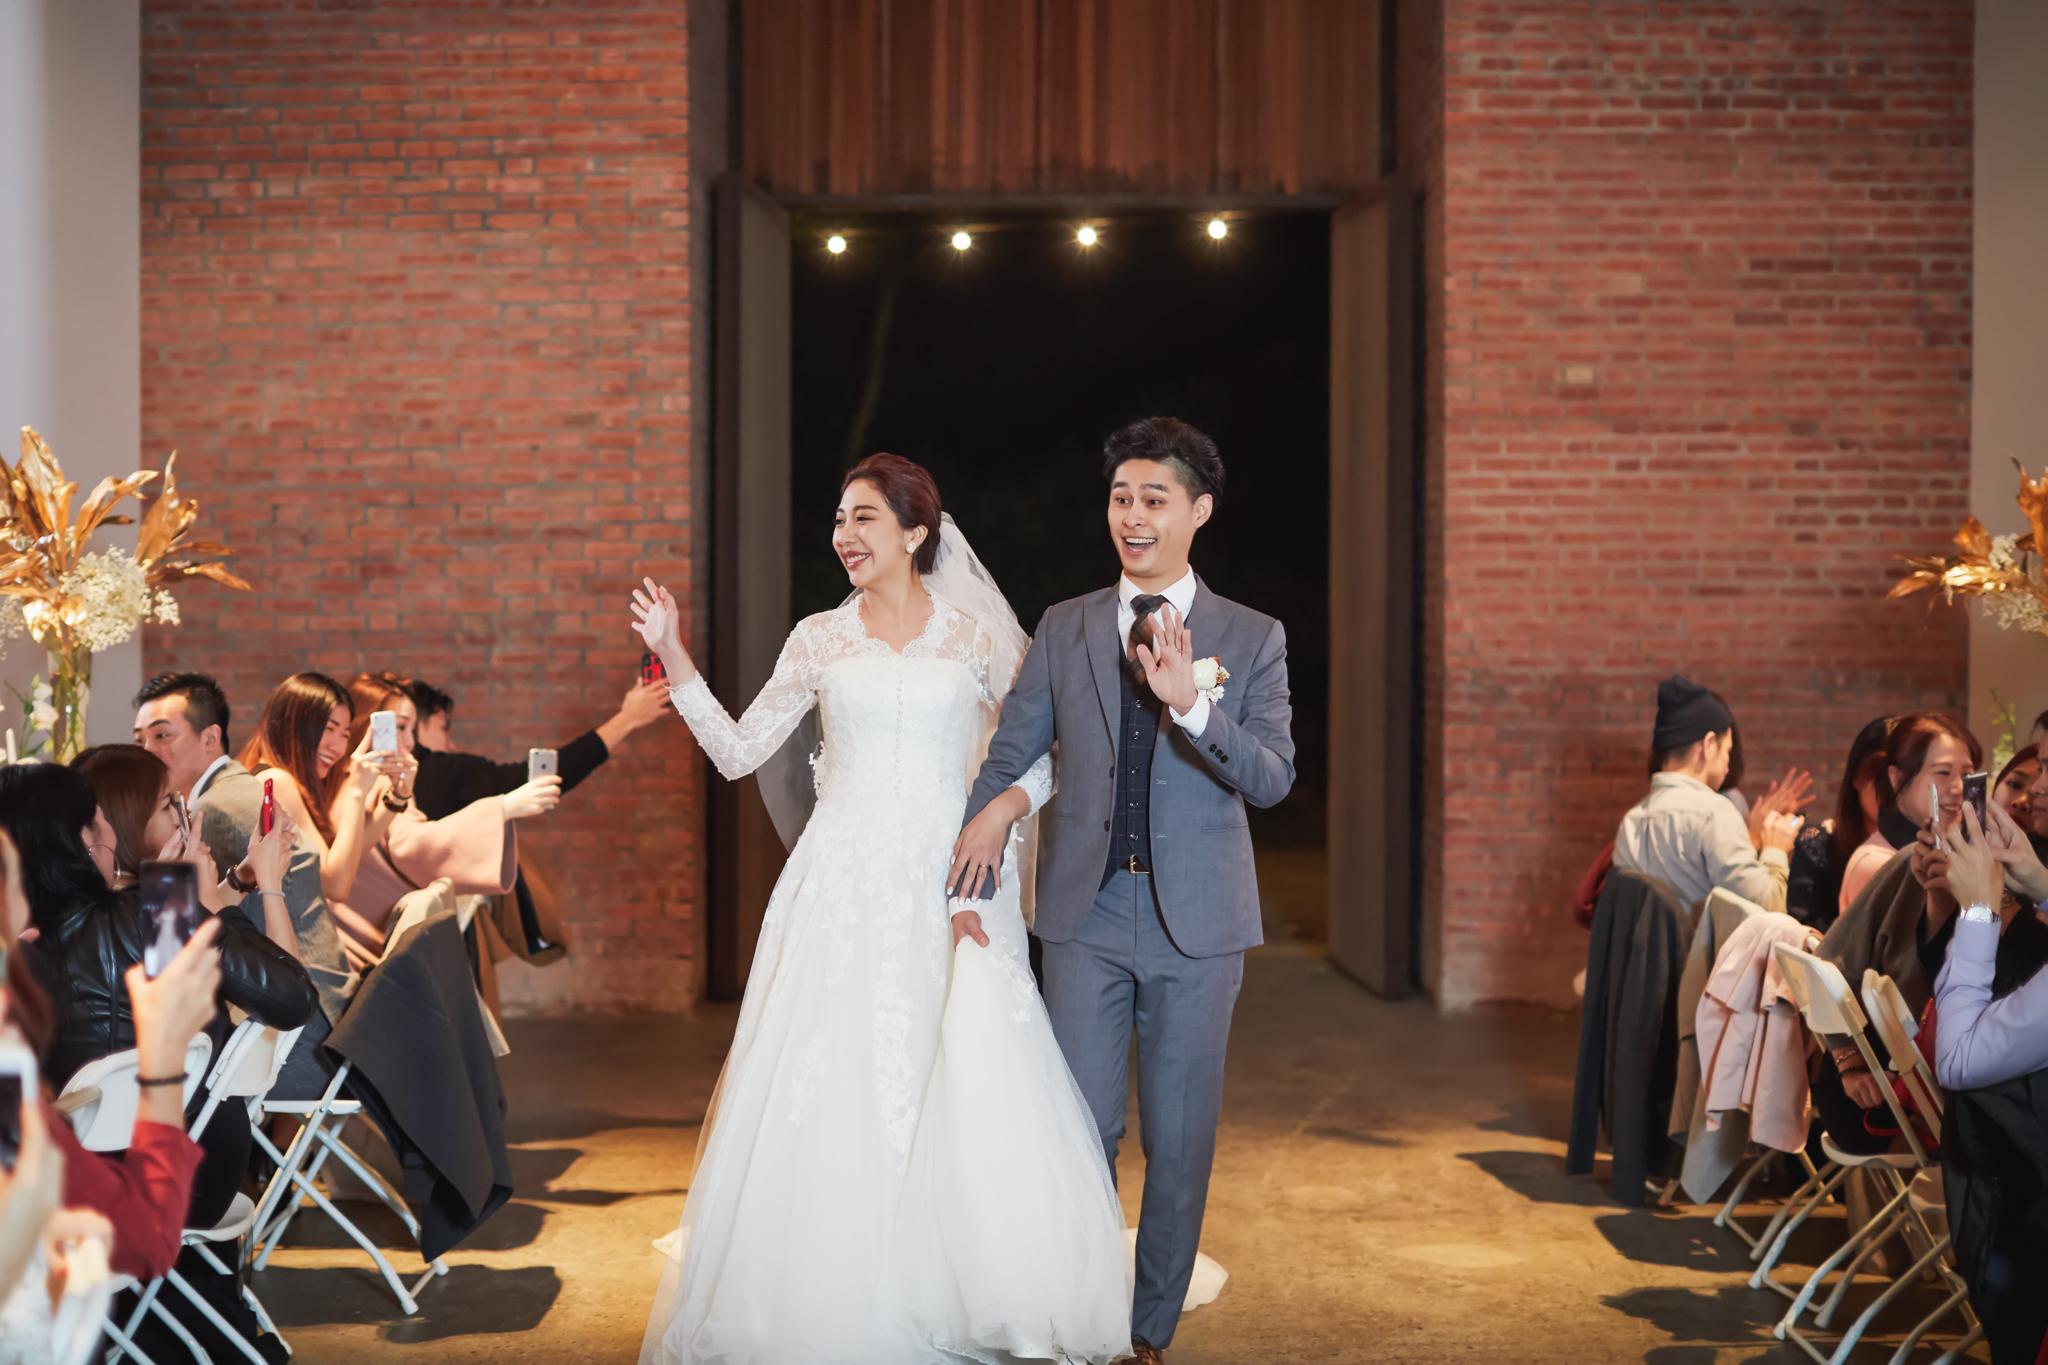 顏牧牧場婚禮, 婚攝推薦,台中婚攝,後院婚禮,戶外婚禮,美式婚禮-93